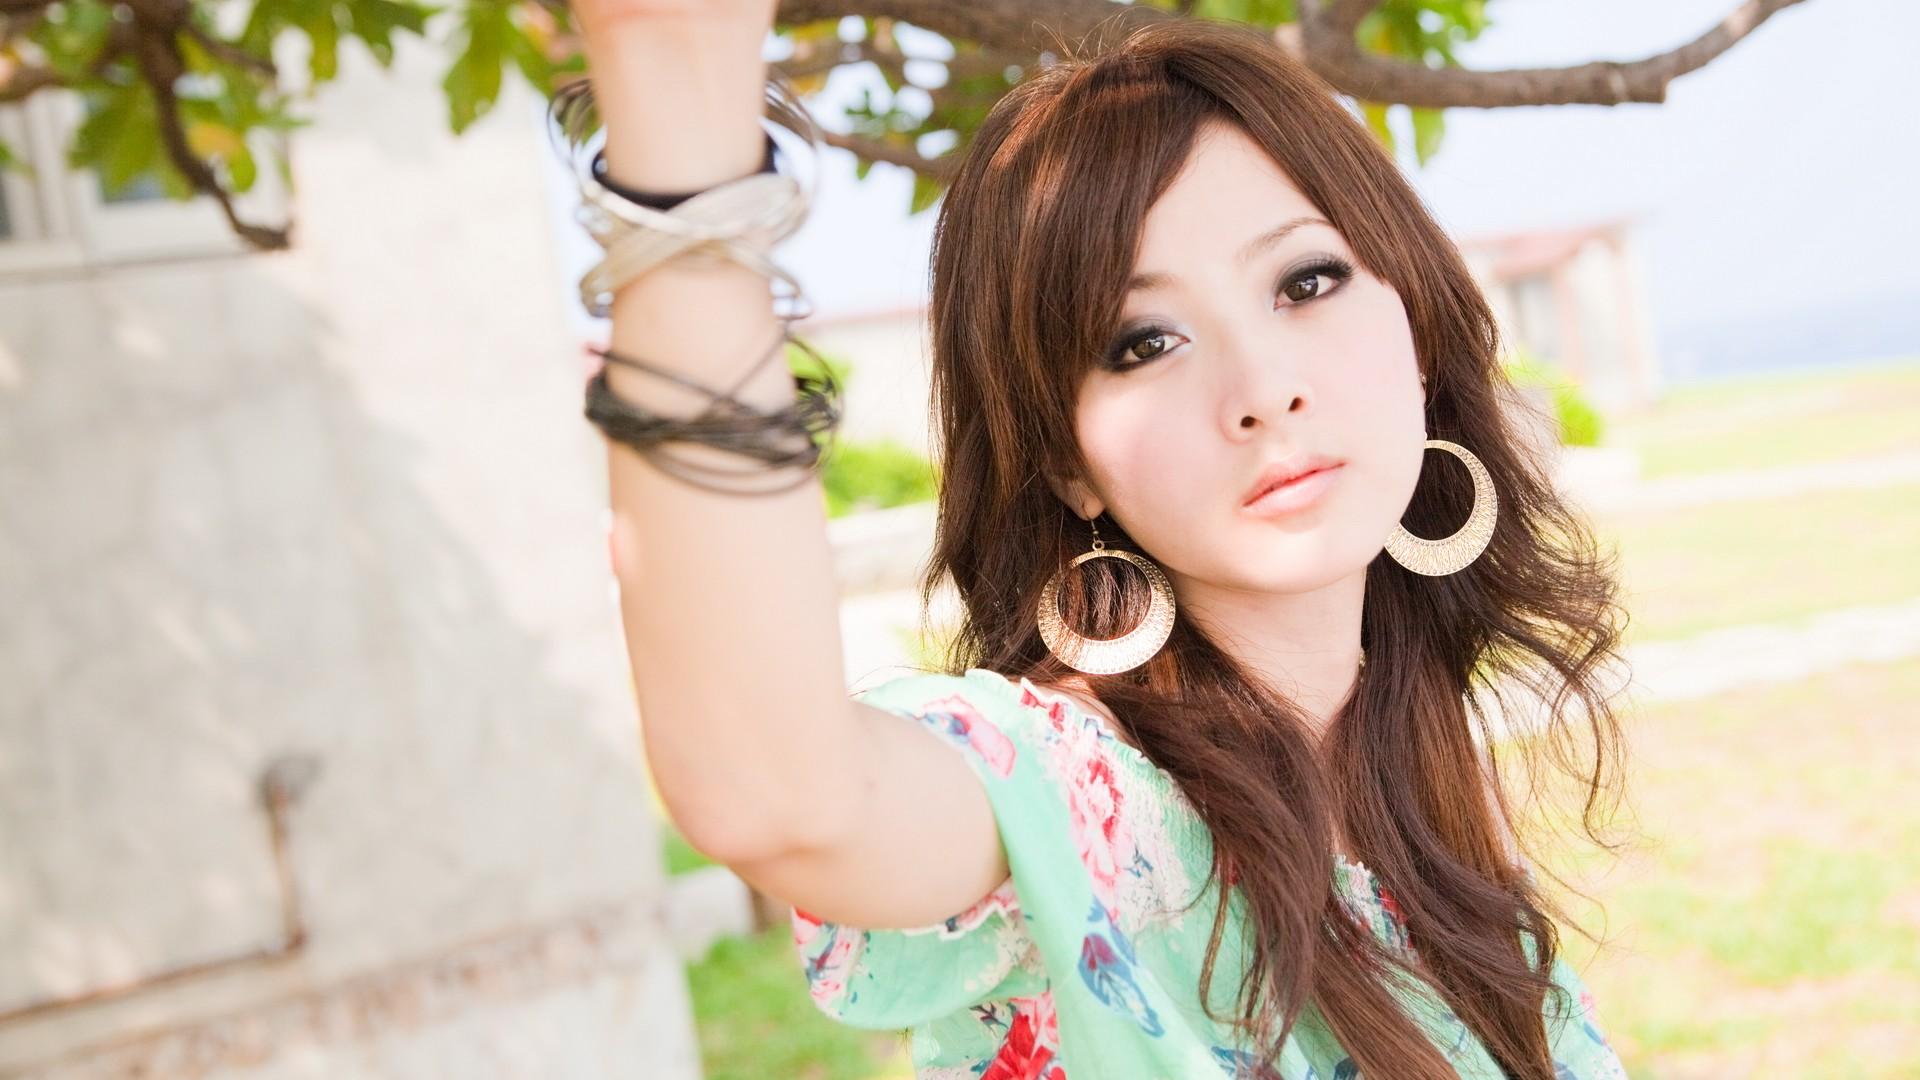 Mikako Zhang Kaijie rostro - 1920x1080